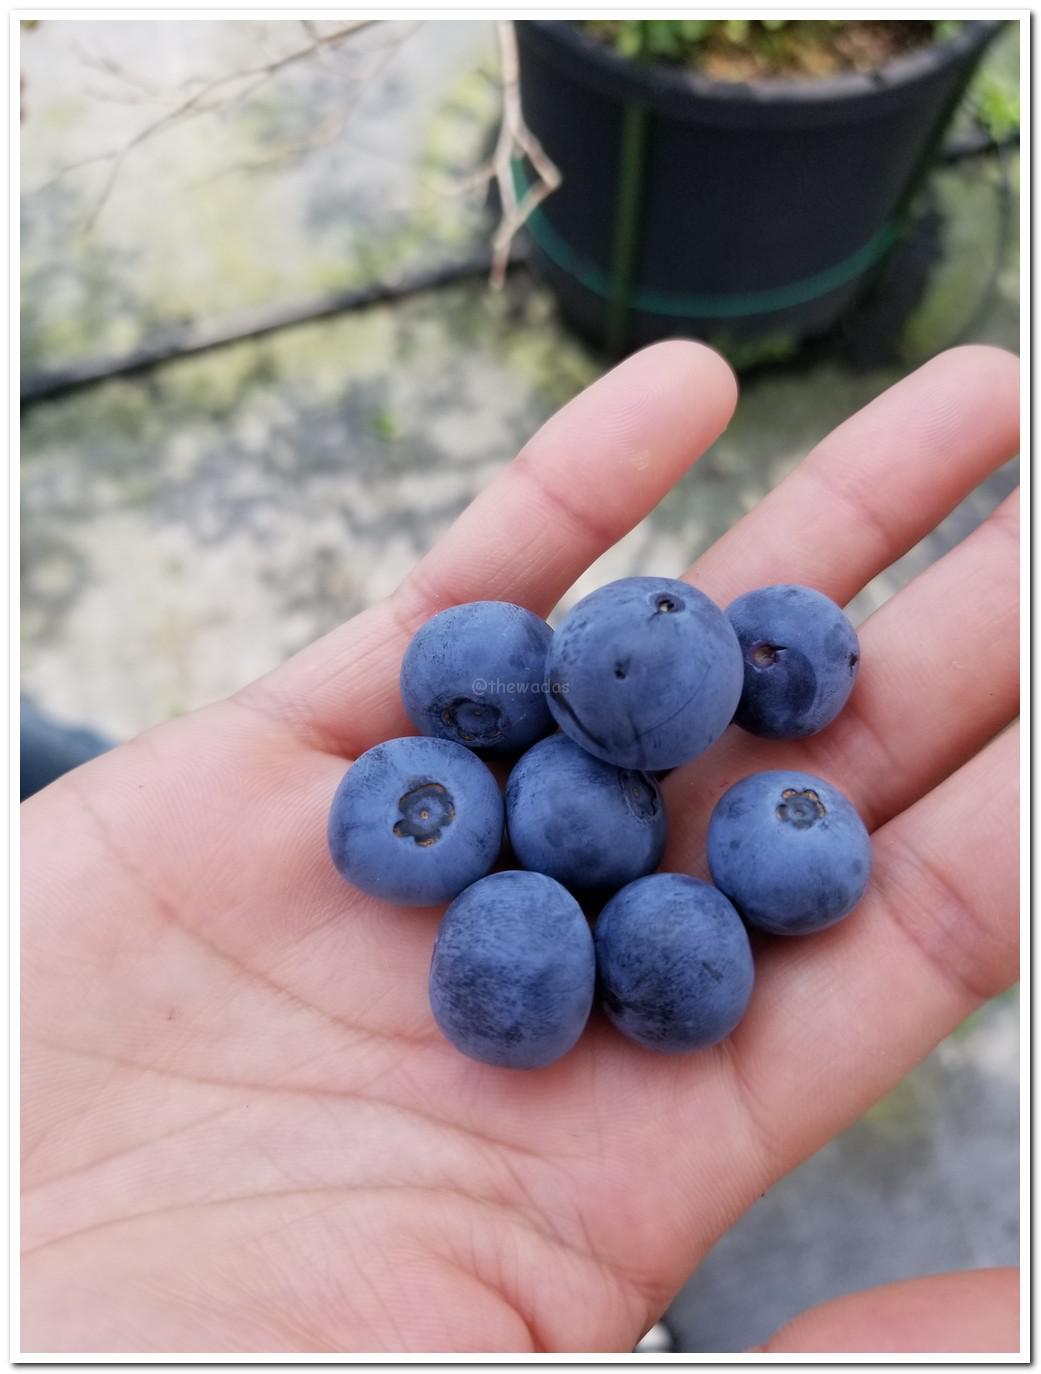 Blueberry Picking at Setouchi Fruits Garden (Setouchi City)